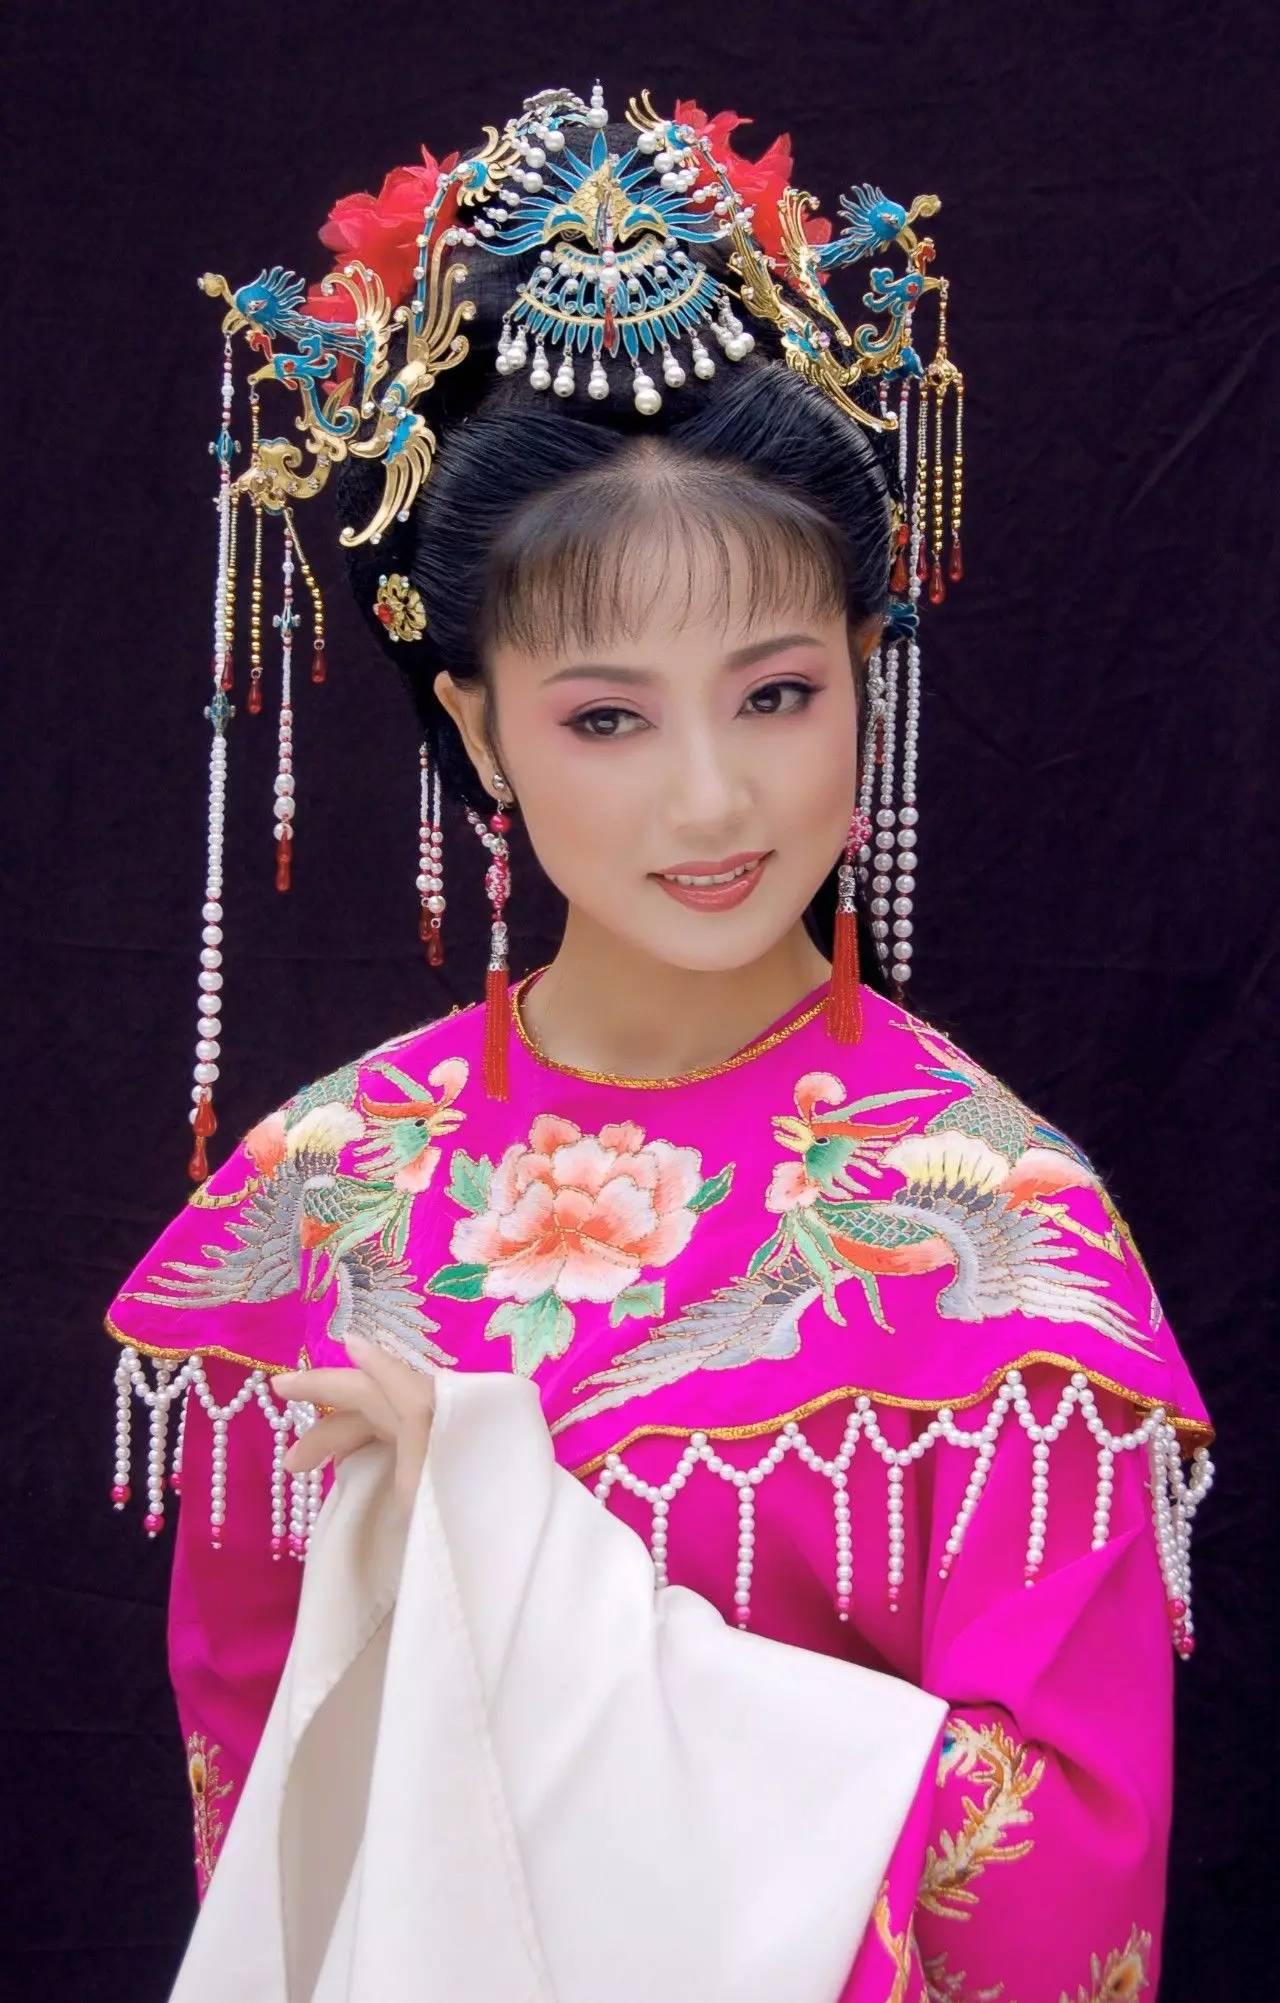 上海婚姻出轨调查_厦门婚姻出轨调查_出轨后的婚姻